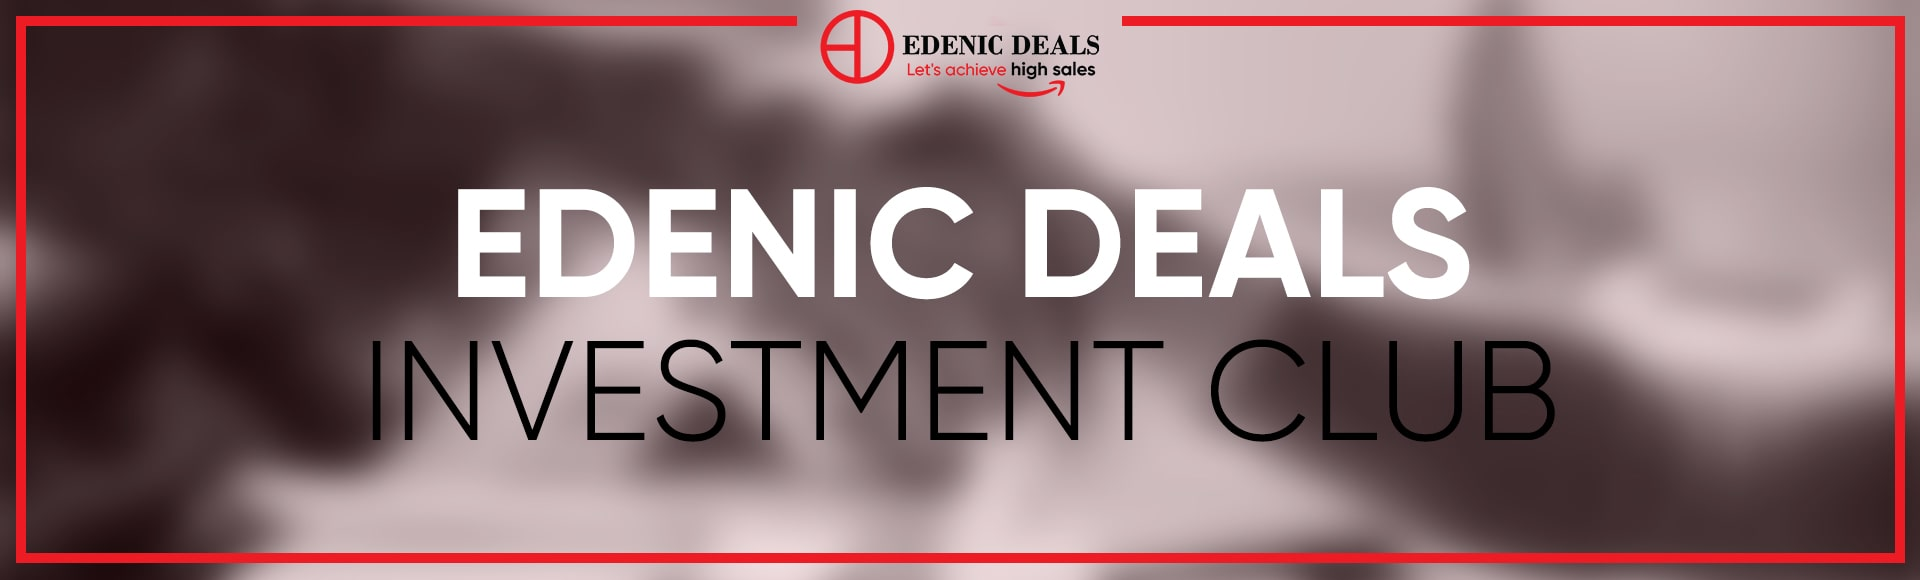 Investment club Edenic Deals